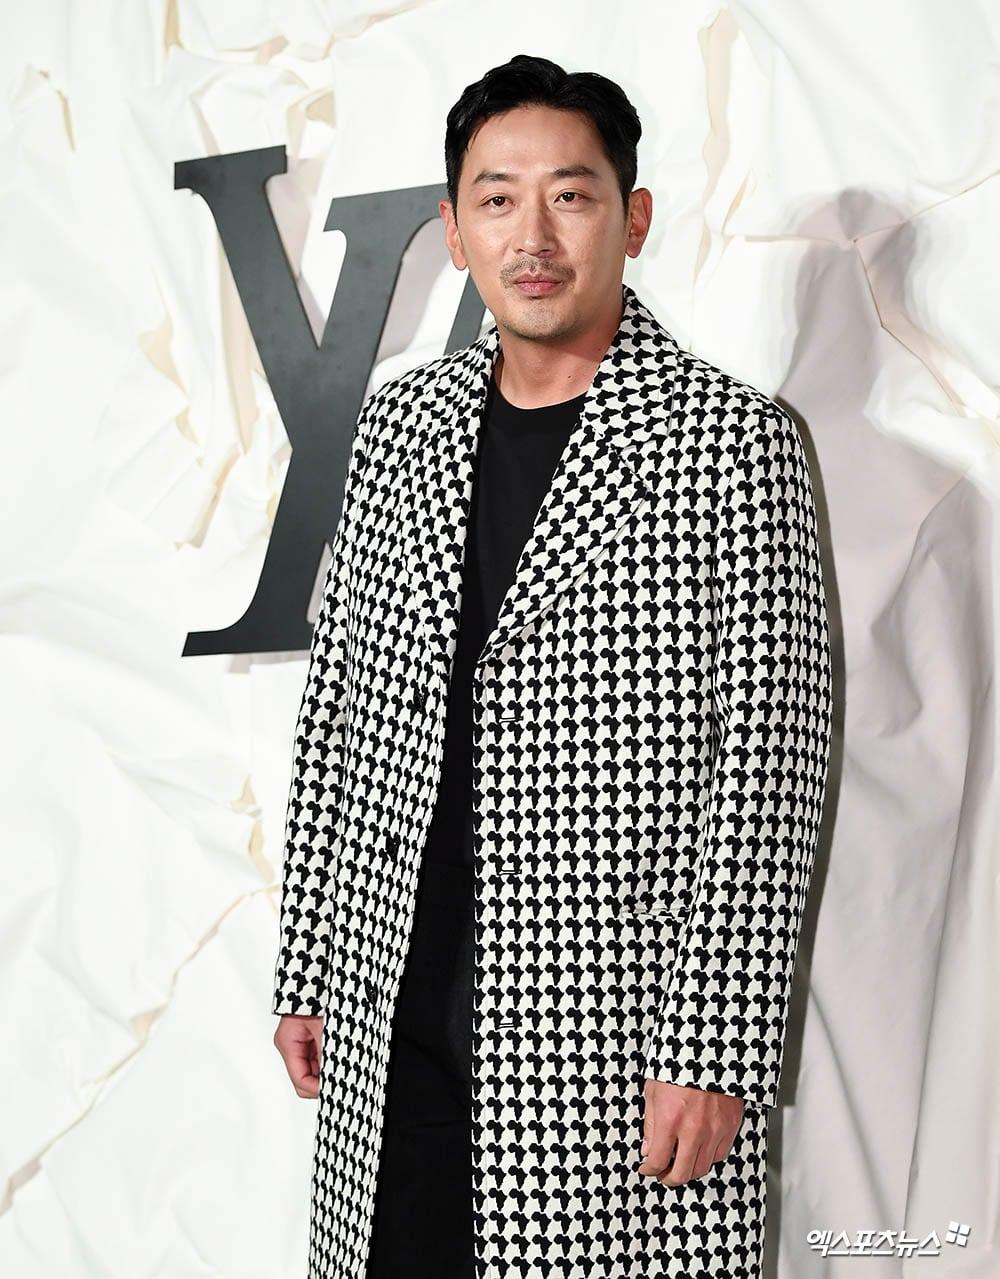 https://0.soompi.io/wp-content/uploads/2019/10/31074930/Ha-Jung-Woo-XPN.jpg